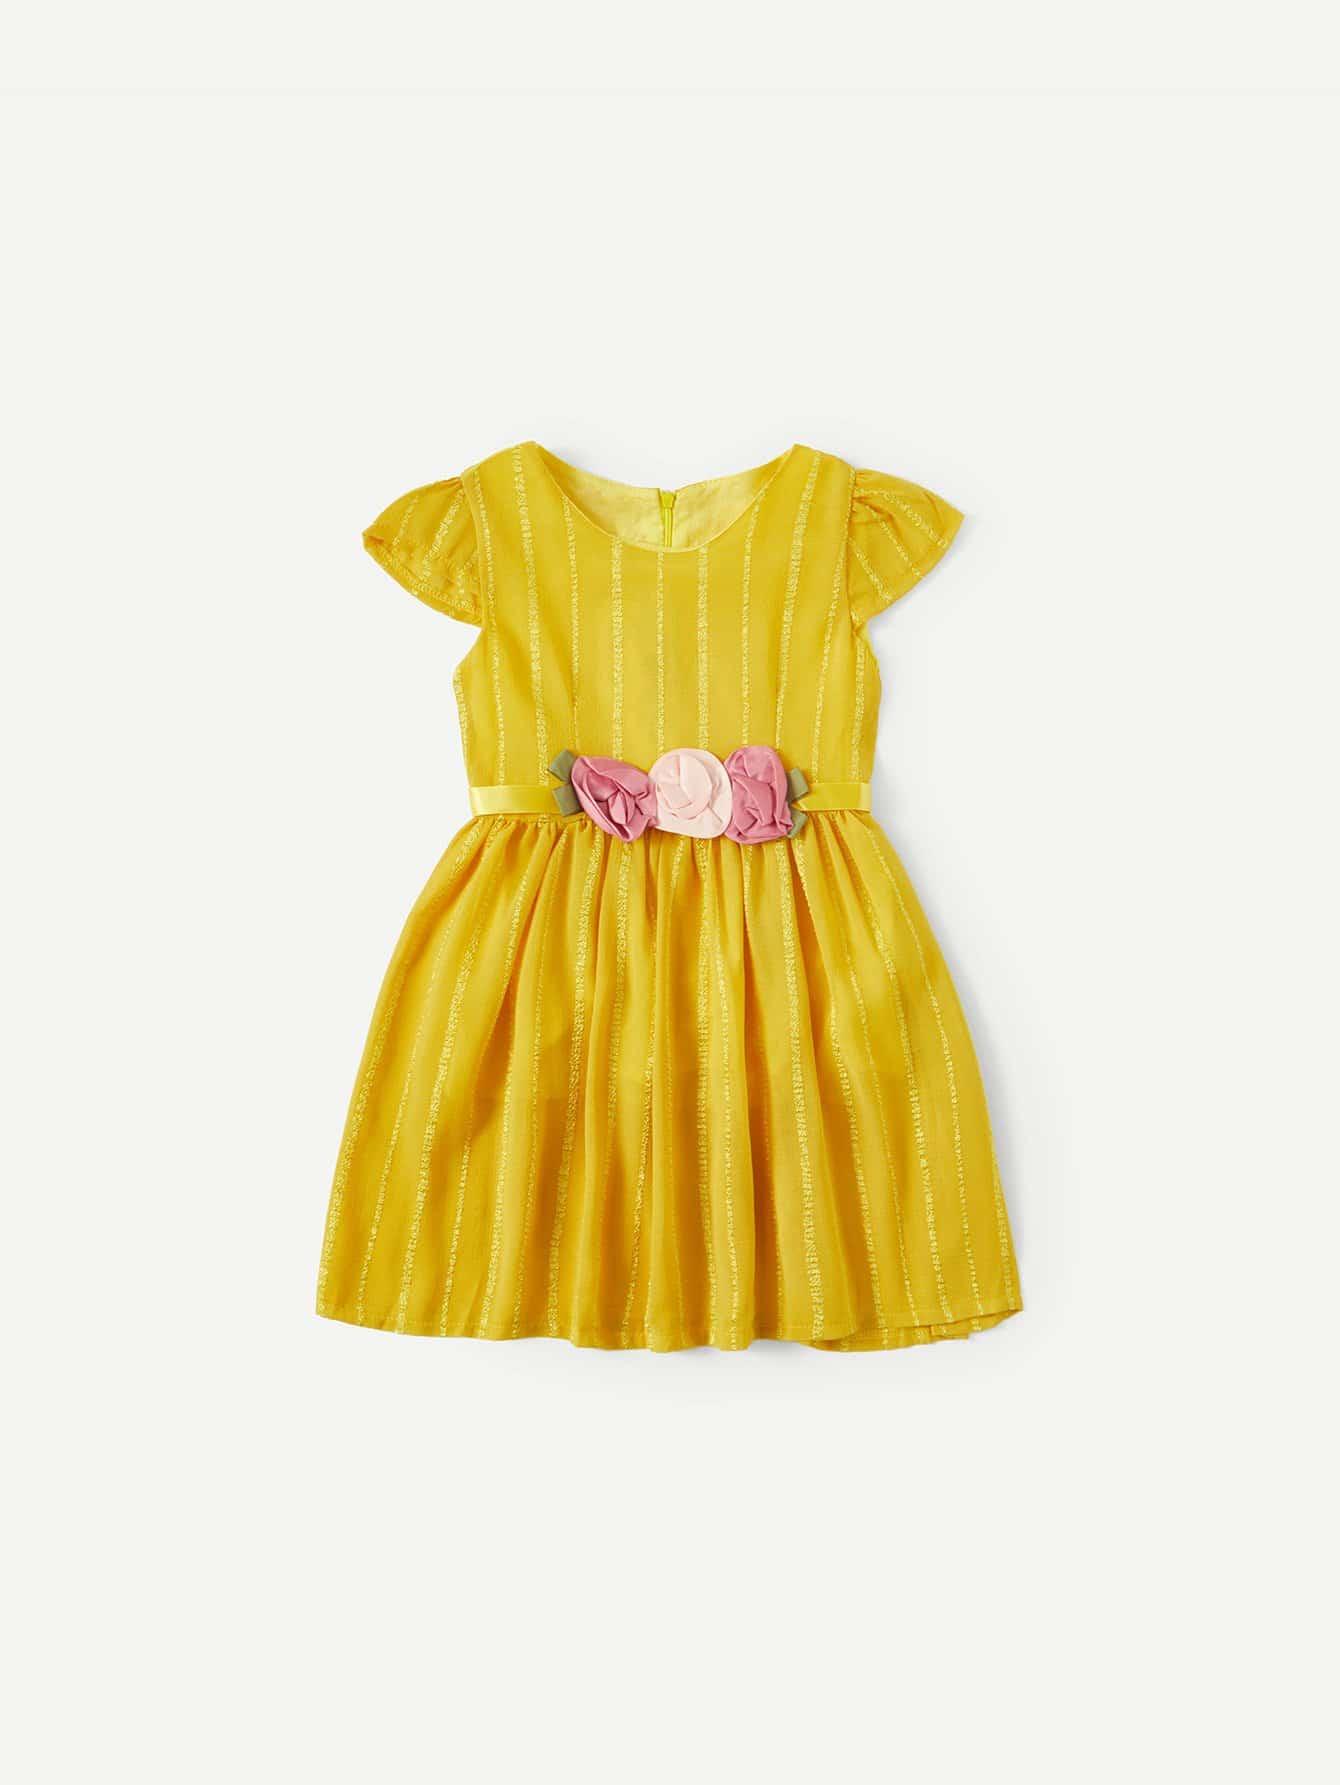 Цветок Девочки Деталь Полосатый Платье